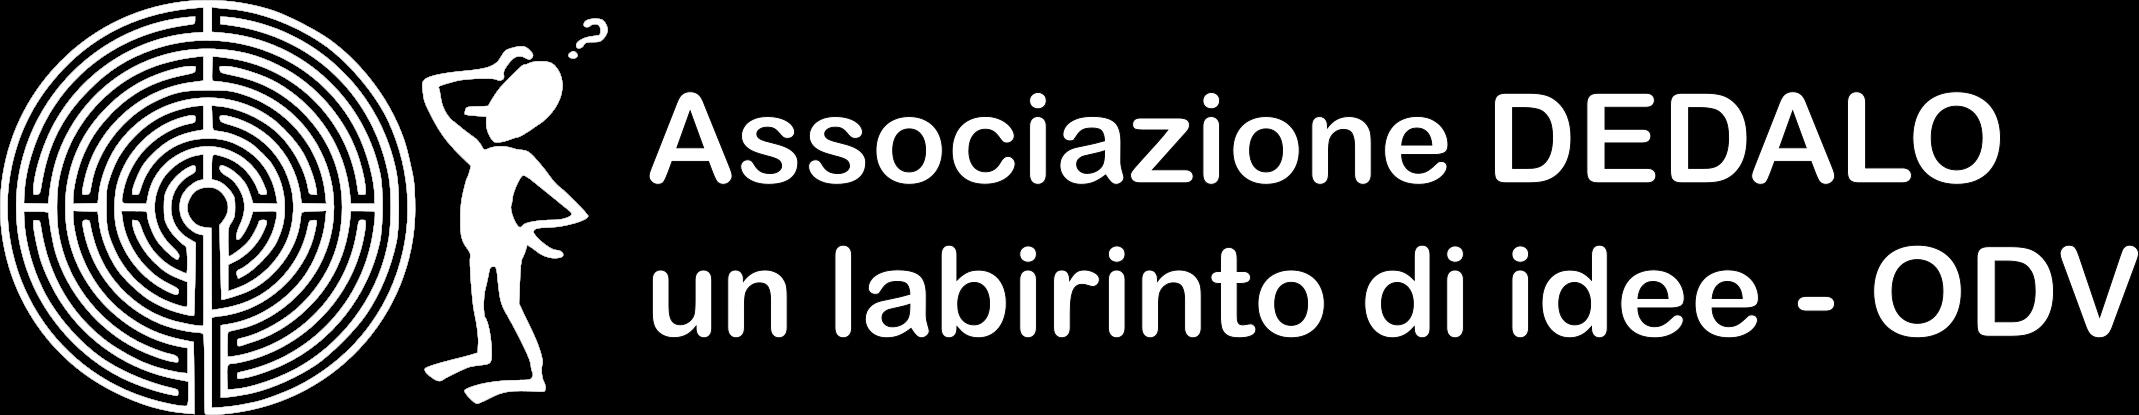 Associazione Dedalo